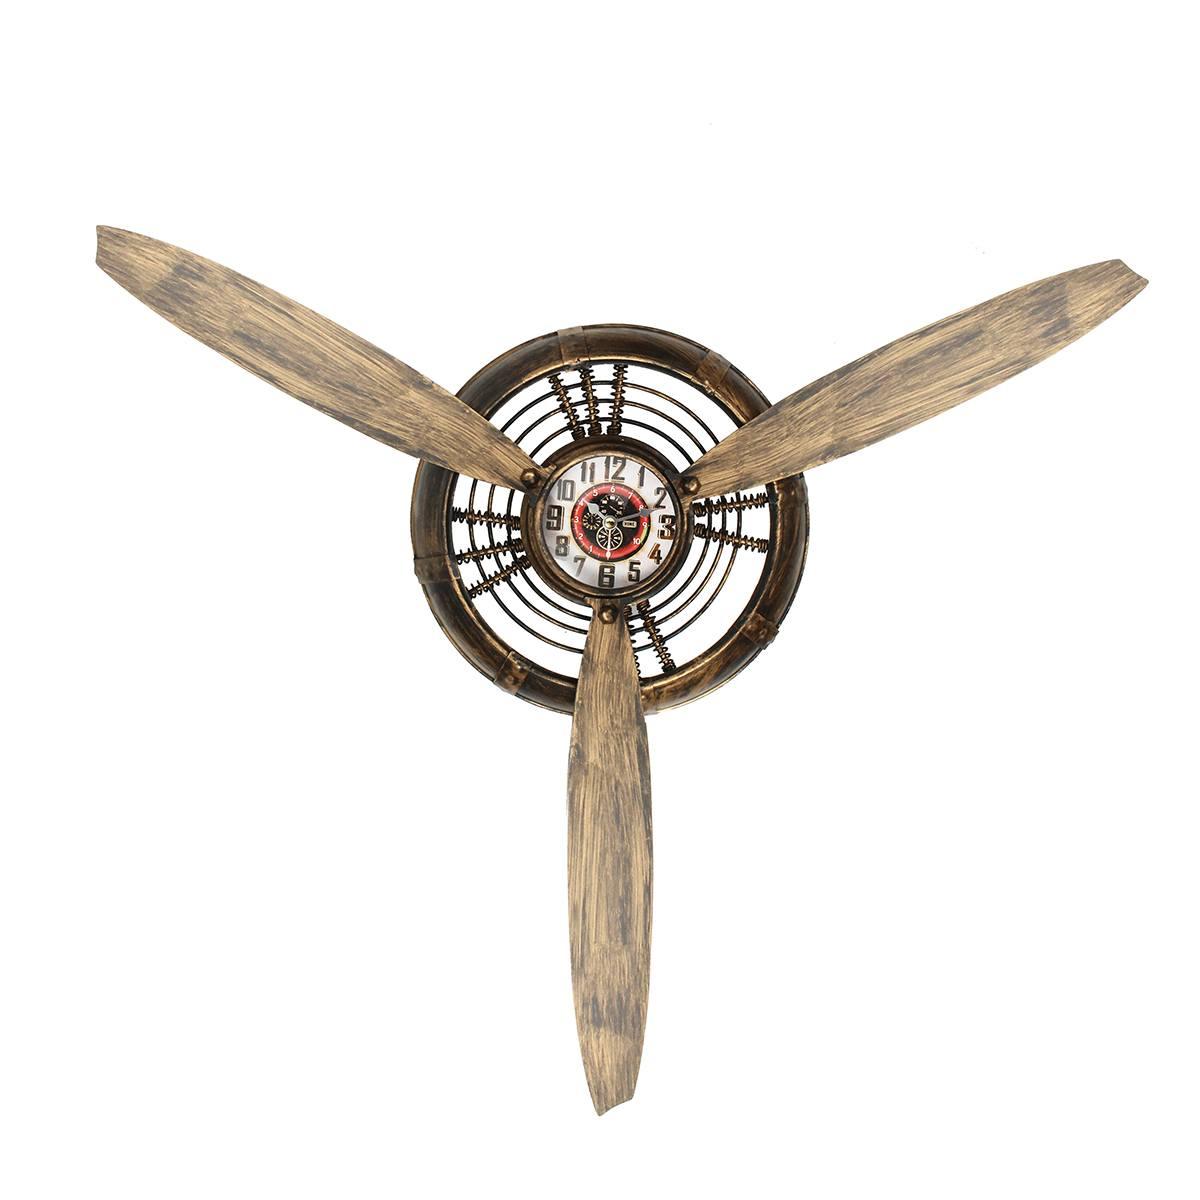 벽 시계 빈티지 장식 금속 바 홈 거실 장식 공기 비행기 프로 펠 러 유럽 산업 벽 매달려 장식 미술